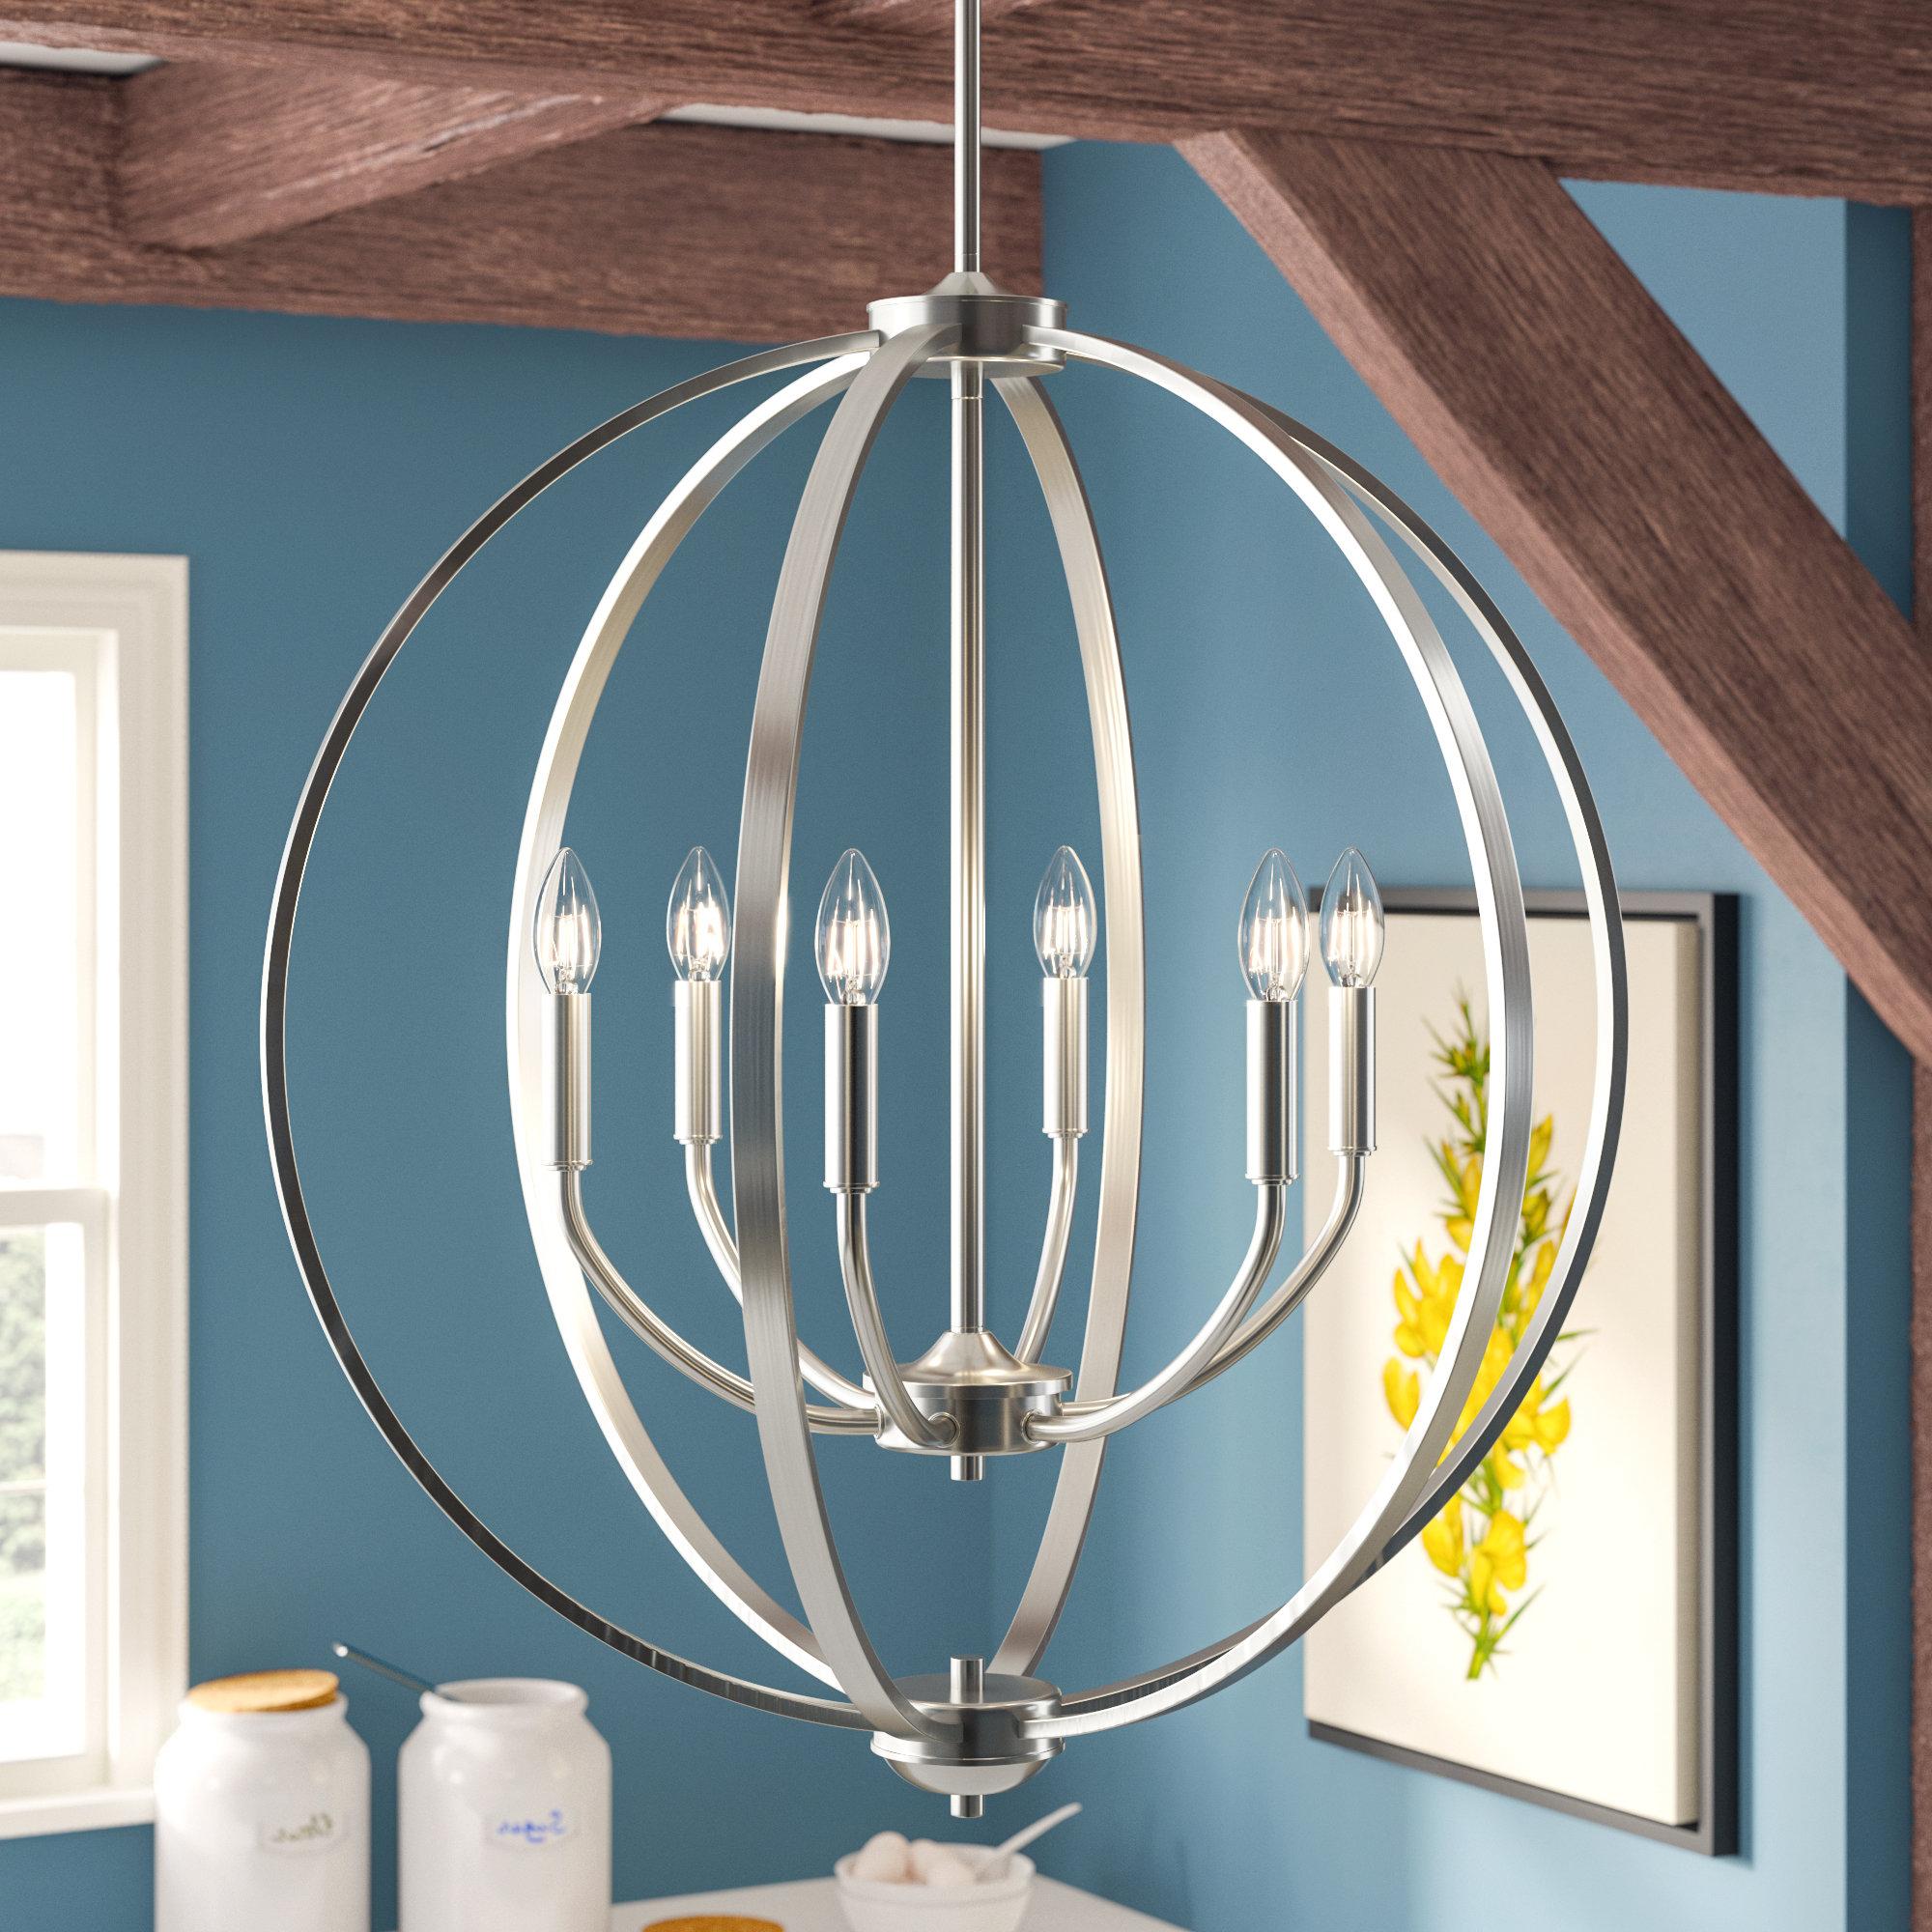 Fashionable Earlene 6 Light Globe Chandelier Pertaining To Gregoire 6 Light Globe Chandeliers (Gallery 8 of 20)